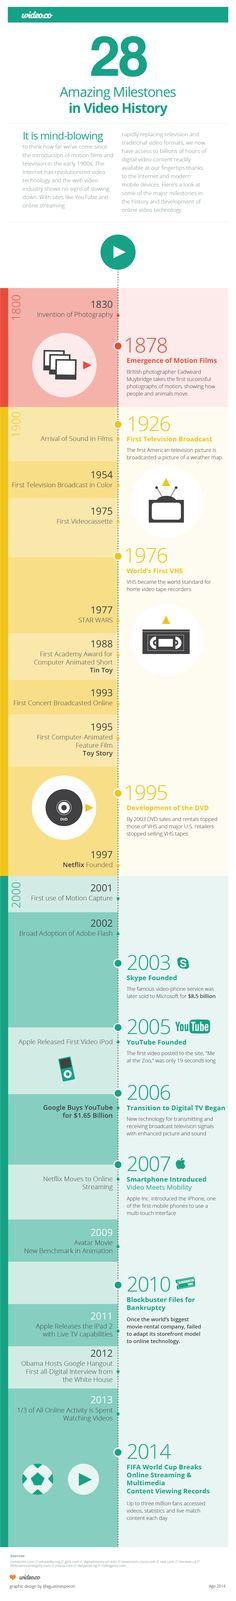 28 Amazing Milestones In Video History (Infographic) image Video History Infographic Wideo